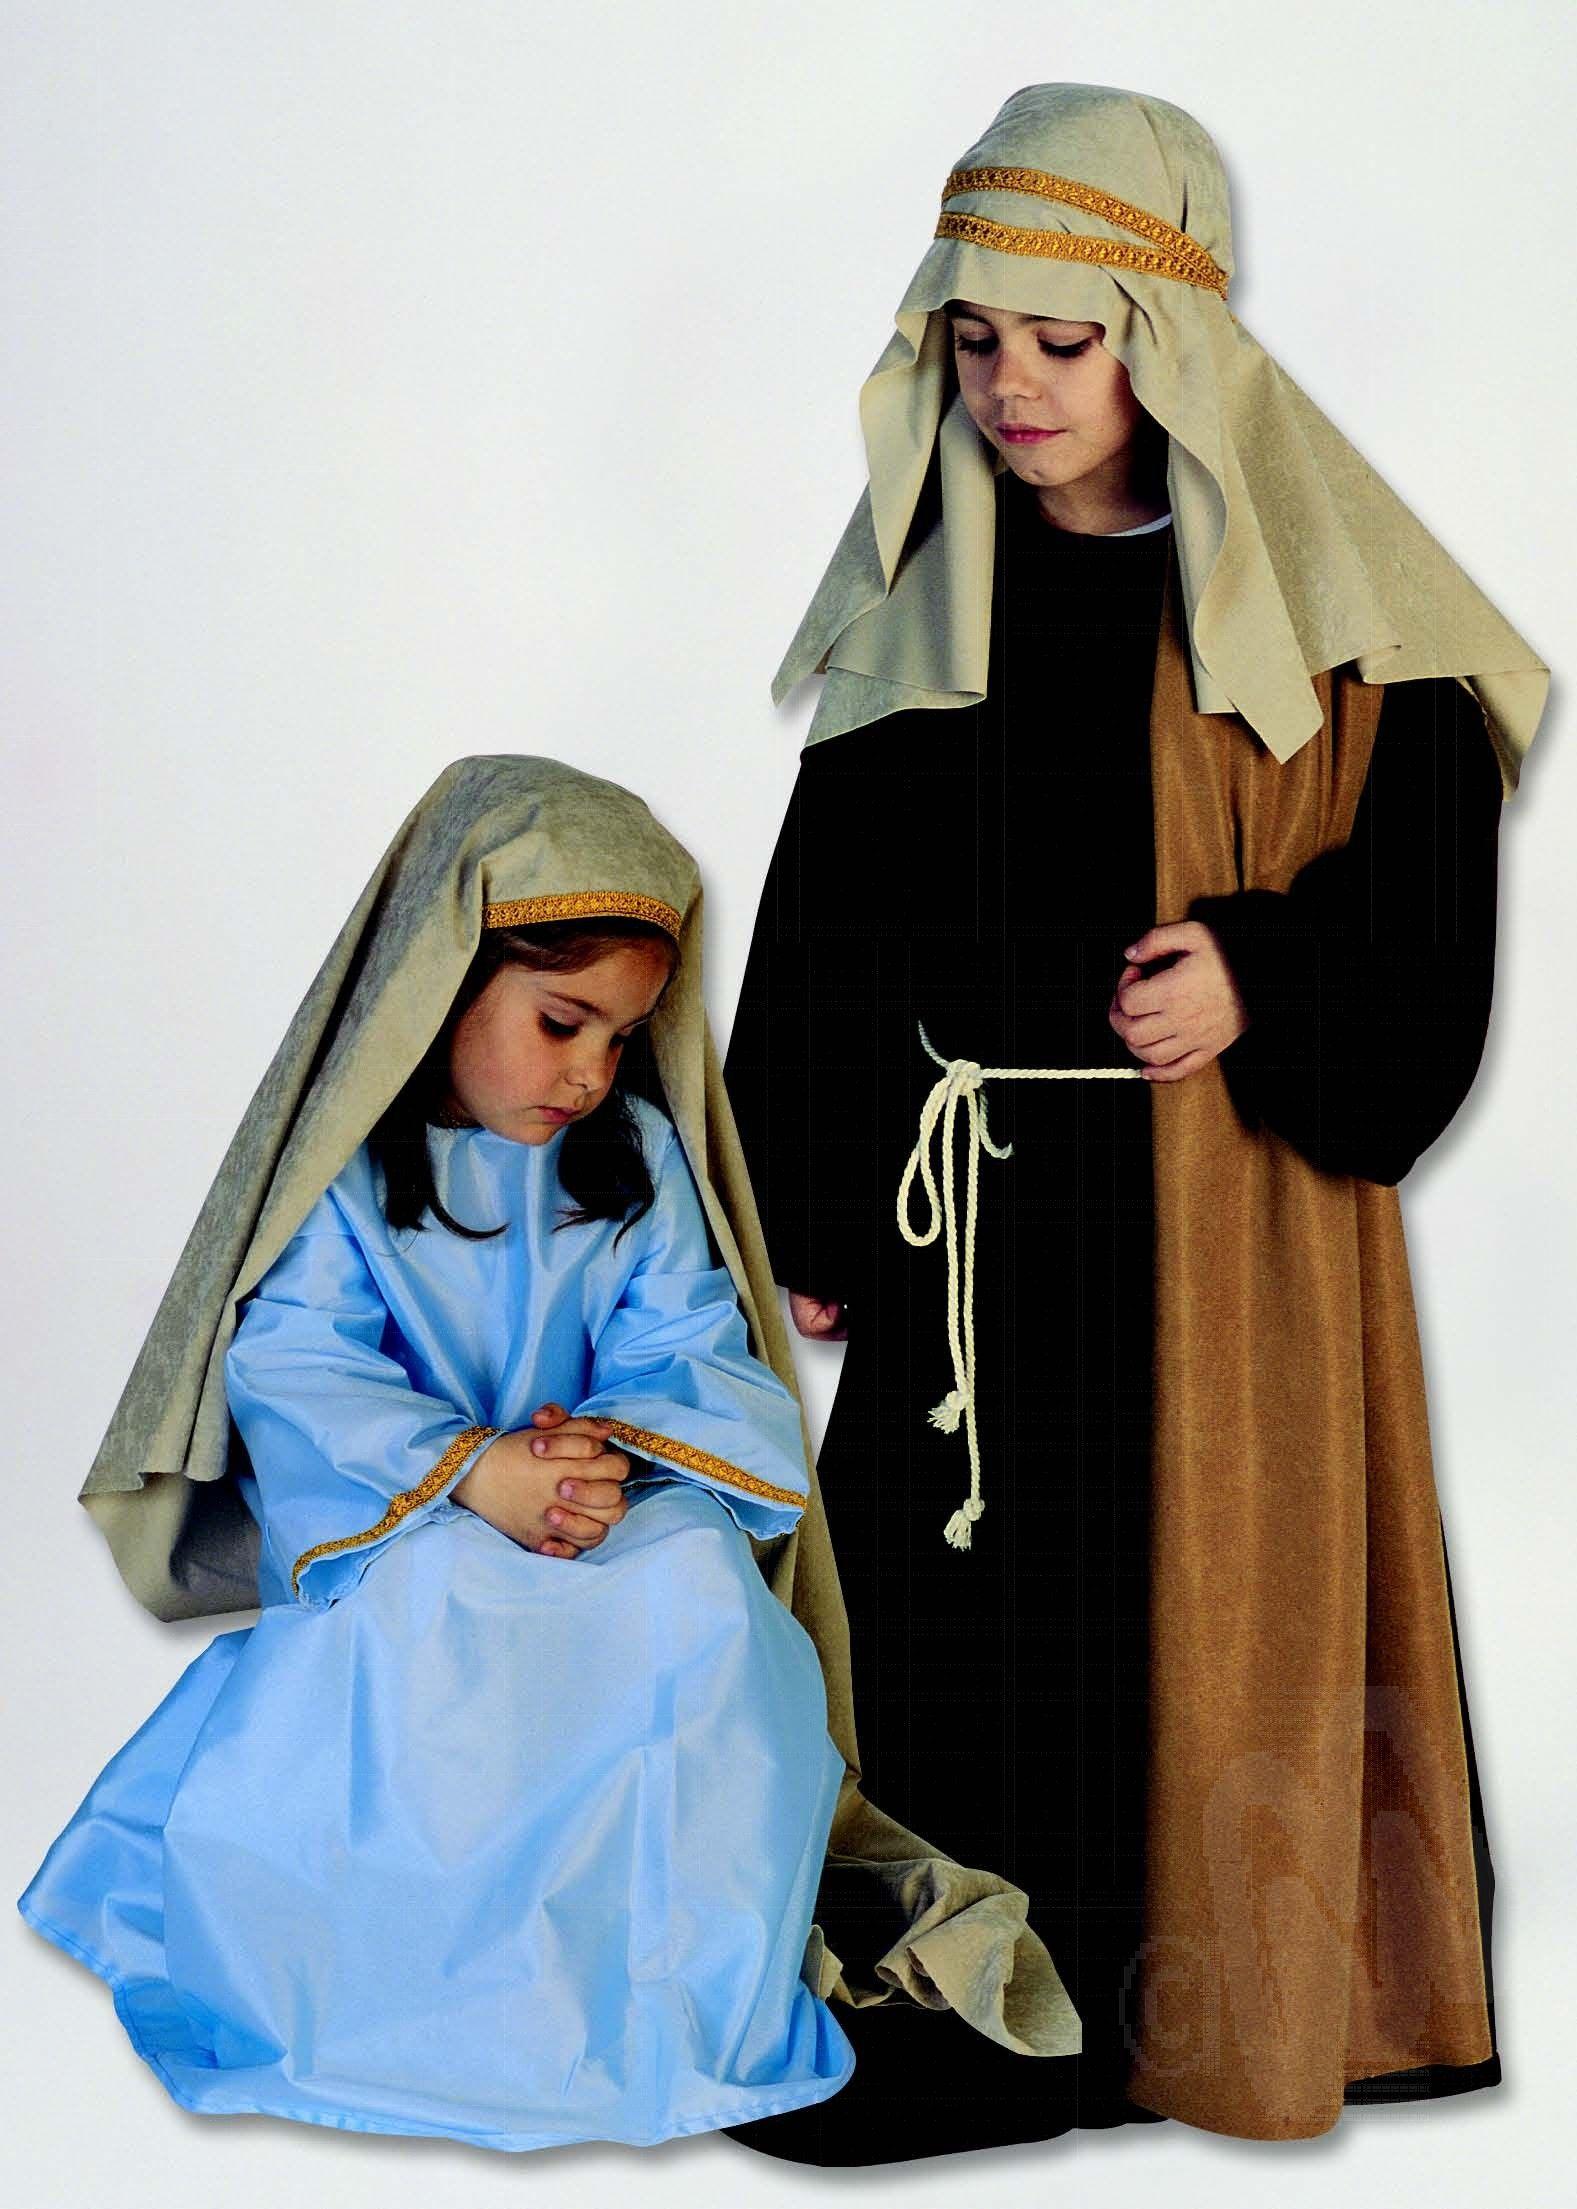 Disfraz San Jose Infantil Incluye Manto Cabeza Con Cinta De Adorno